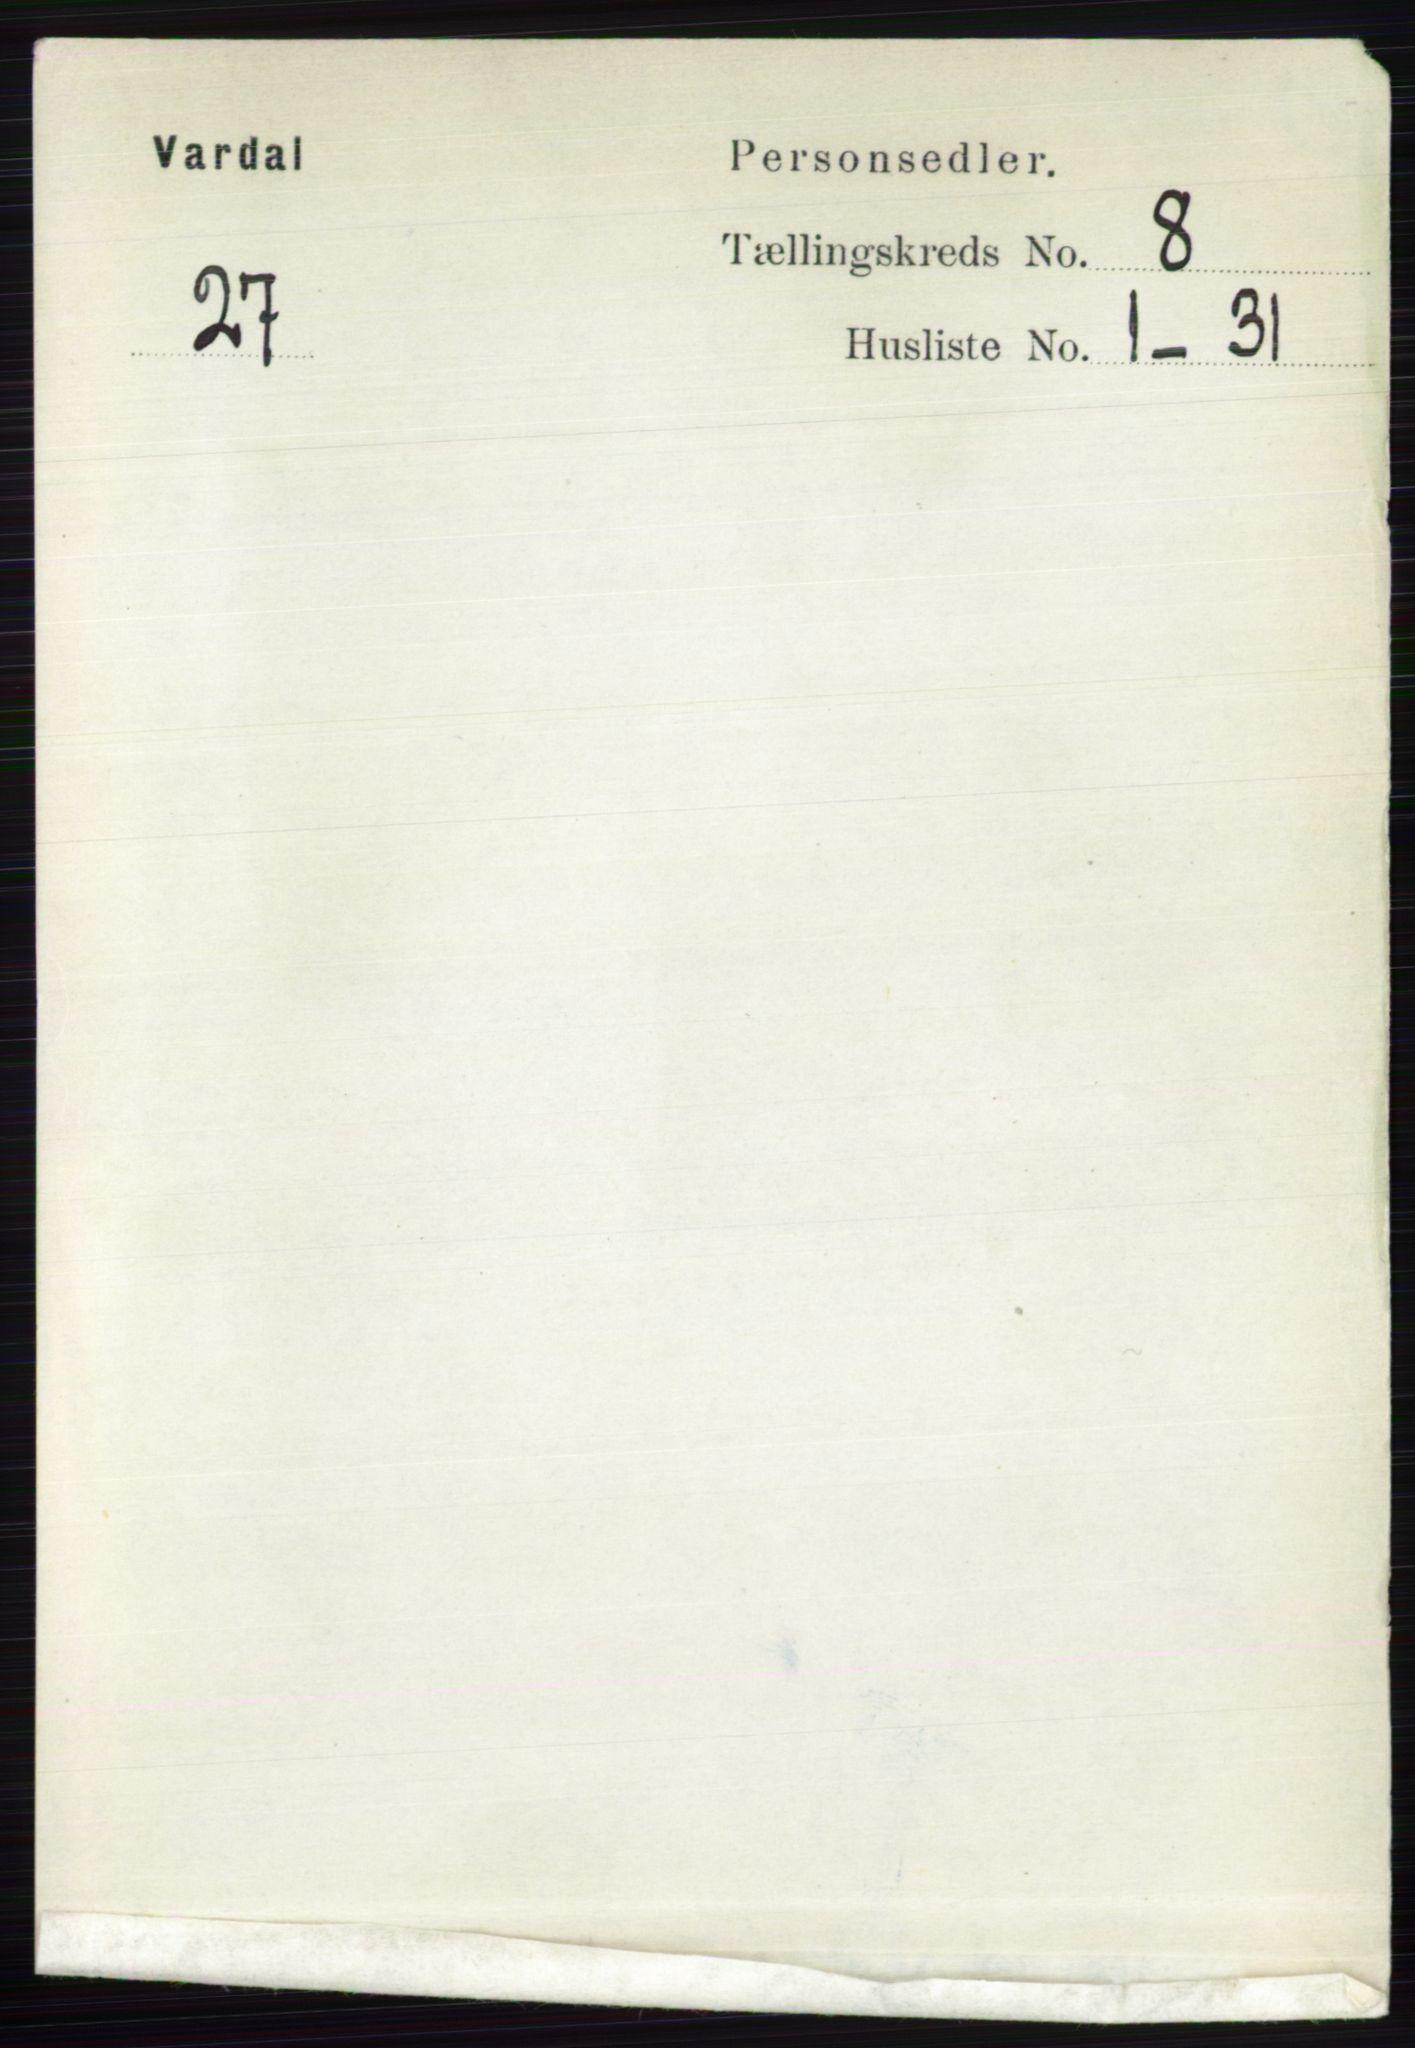 RA, Folketelling 1891 for 0527 Vardal herred, 1891, s. 3689